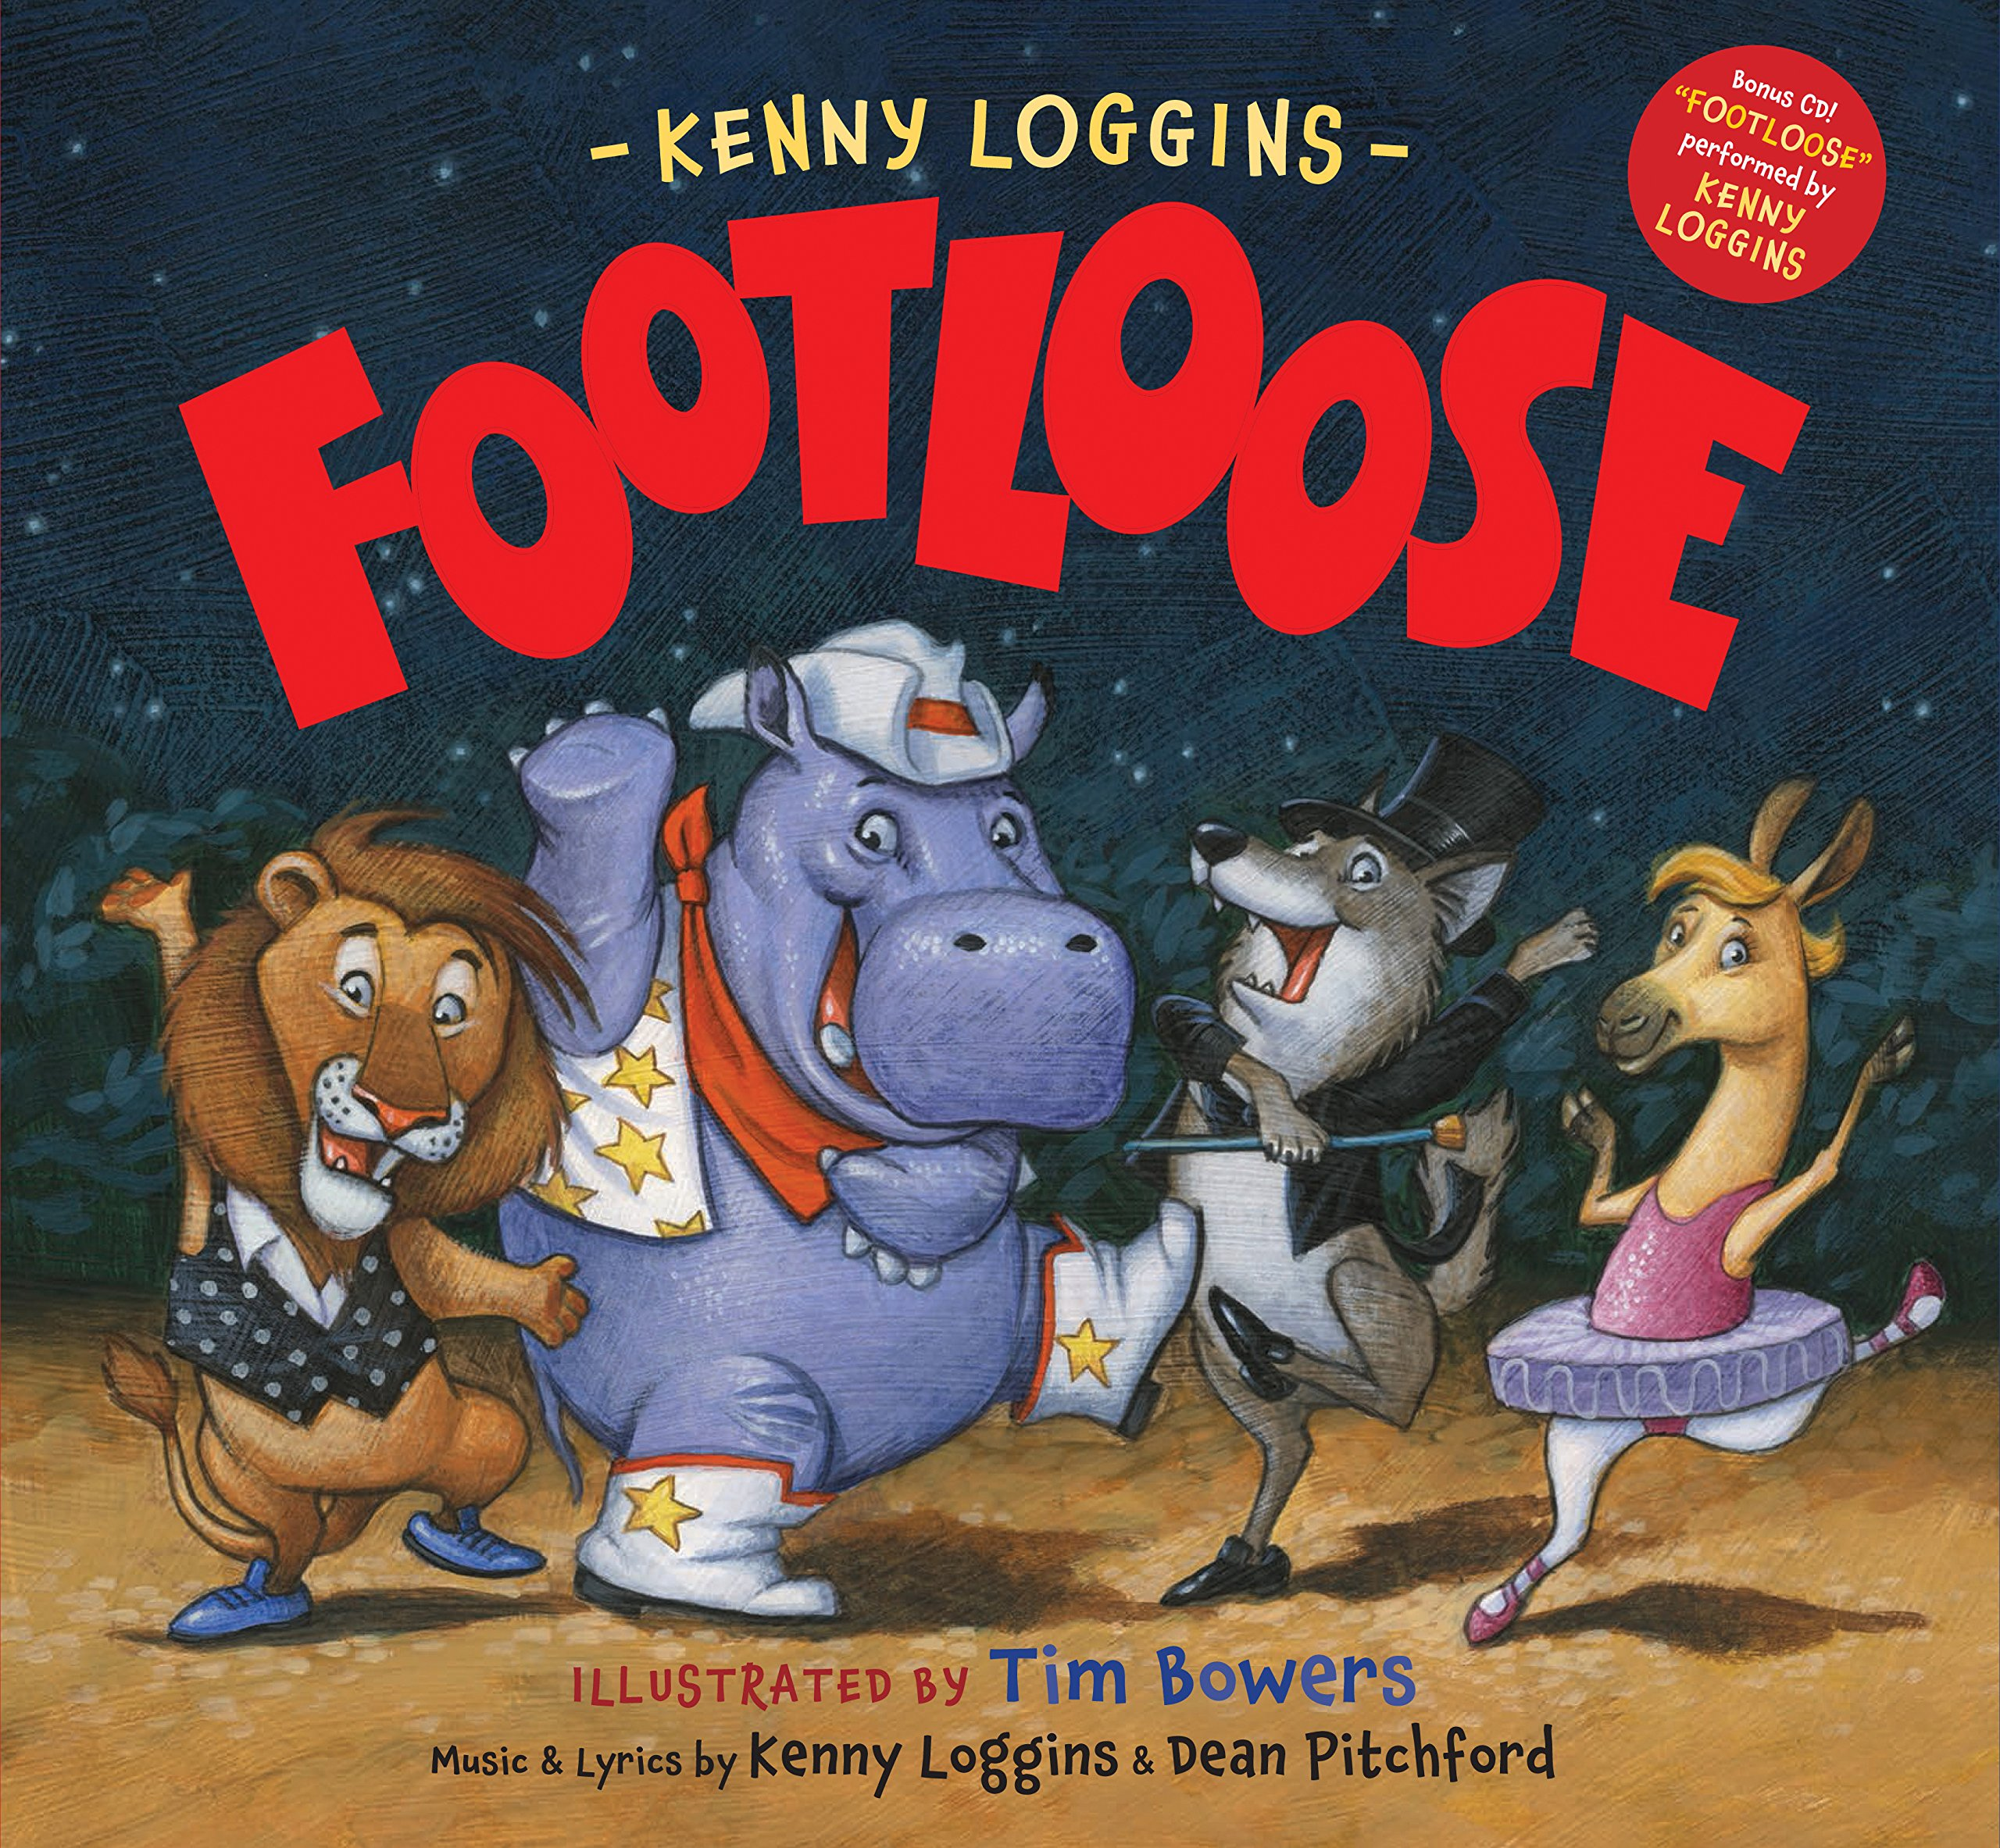 Footloose: Bonus CD! Footloose performed by Kenny Loggins